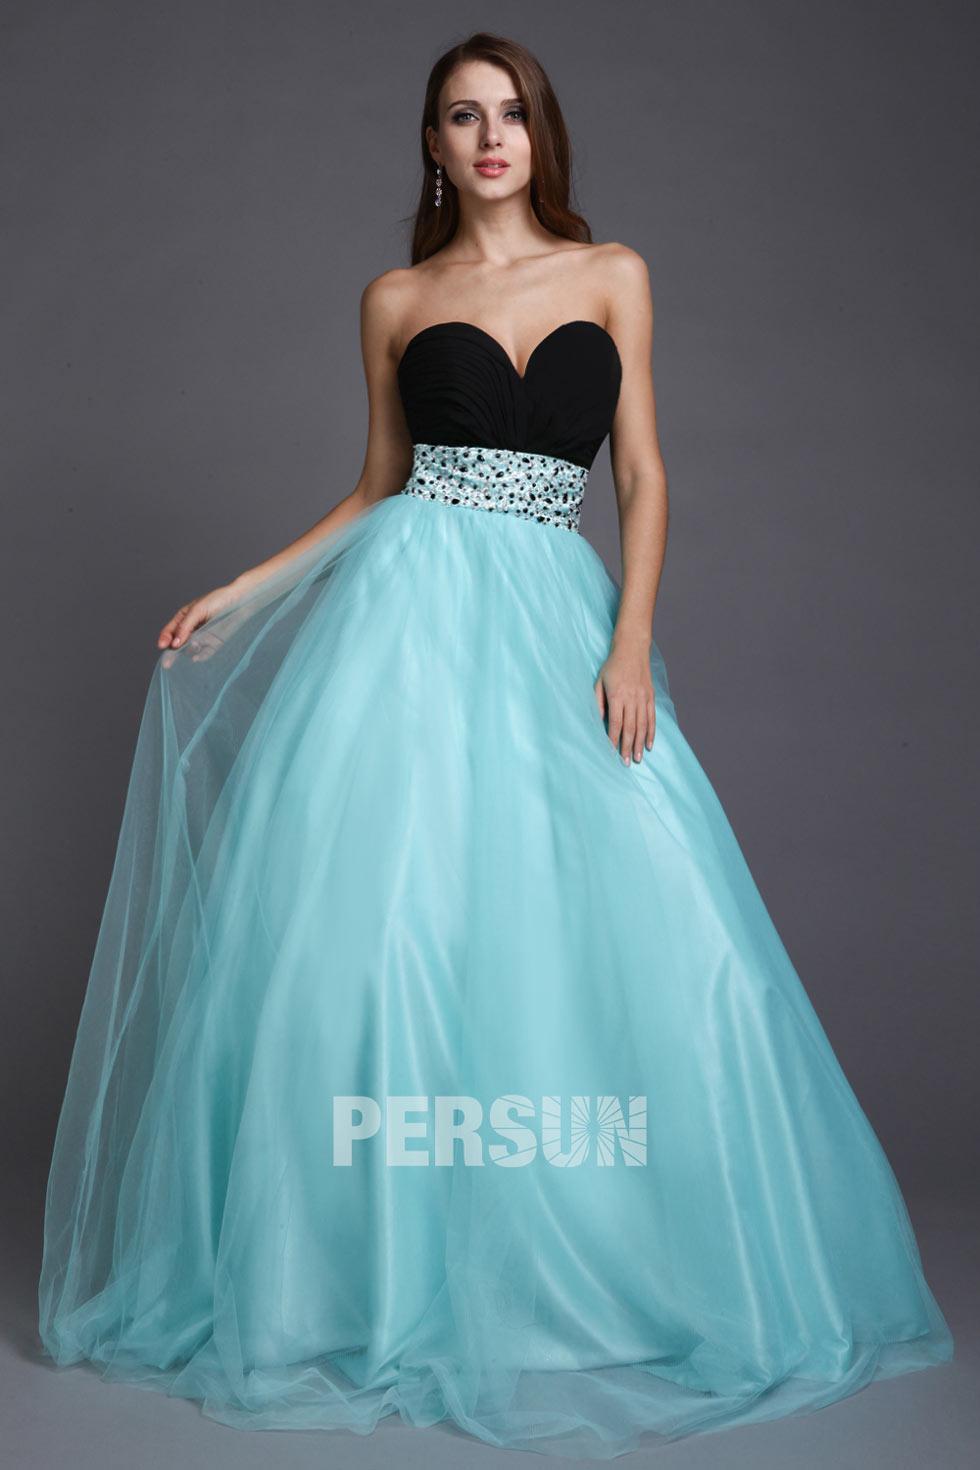 robe bicolore décolleté en coeur pour bal